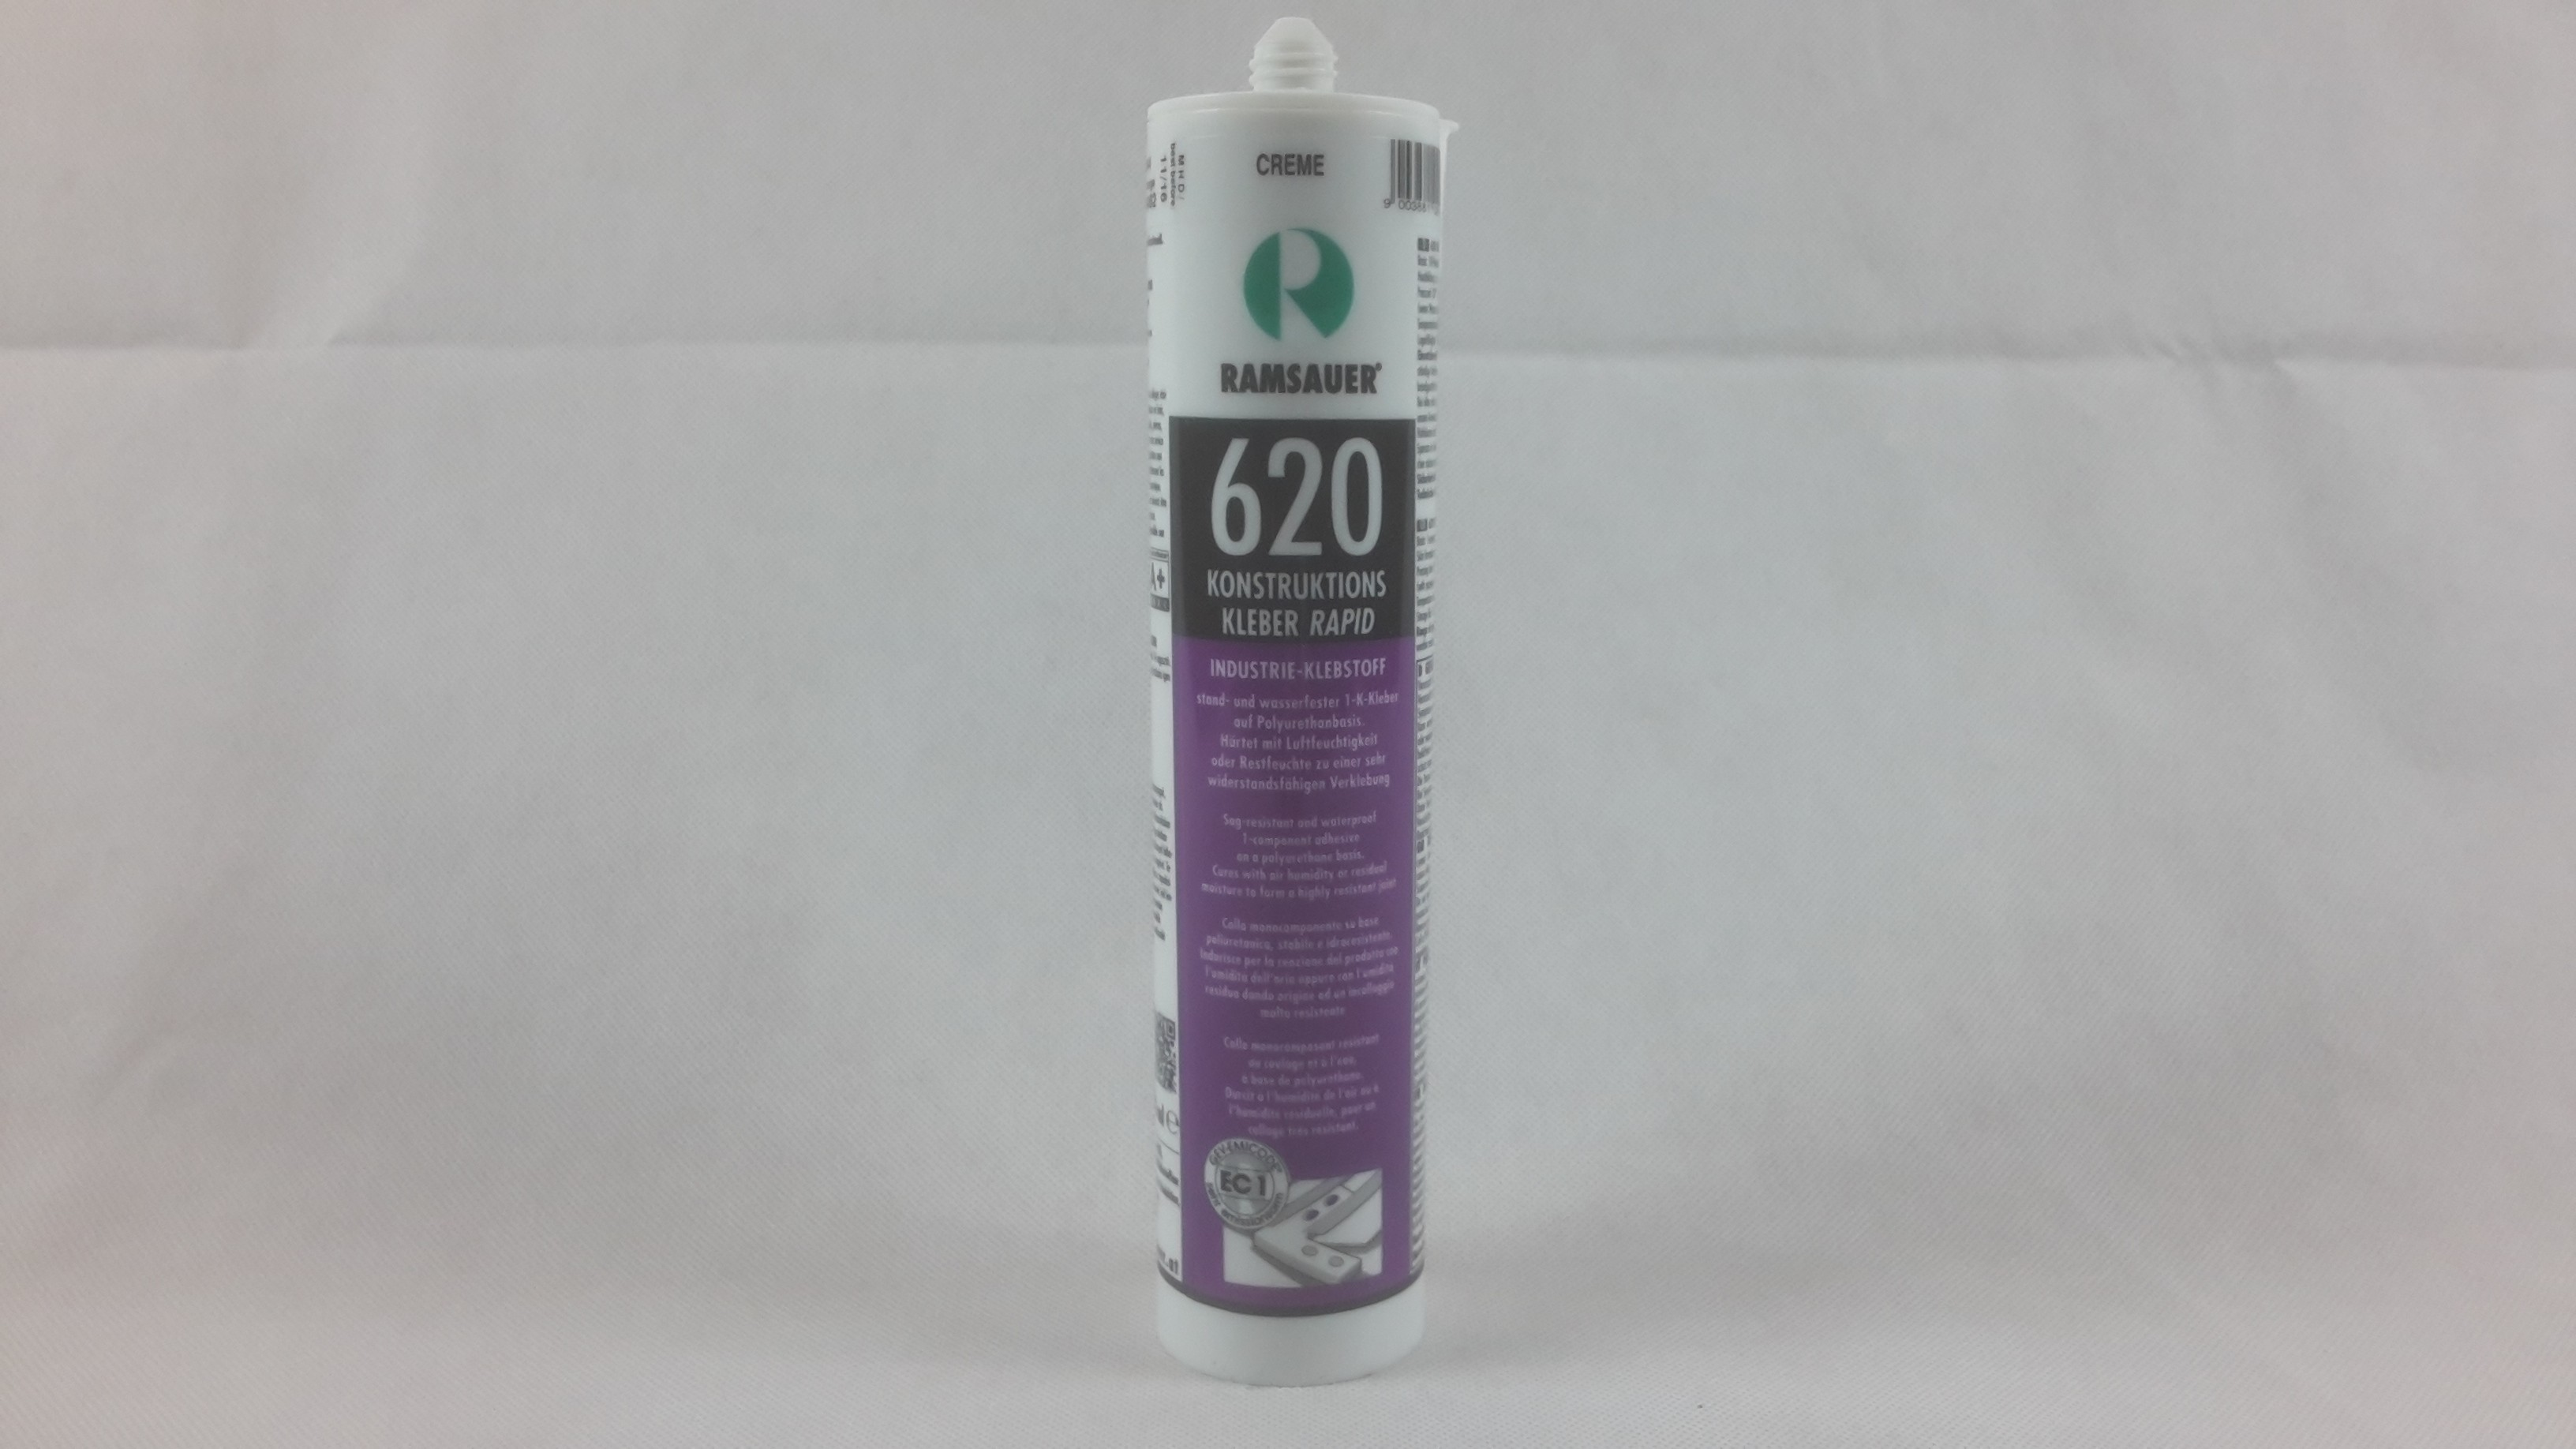 Konstruktionskleber Rapid 620